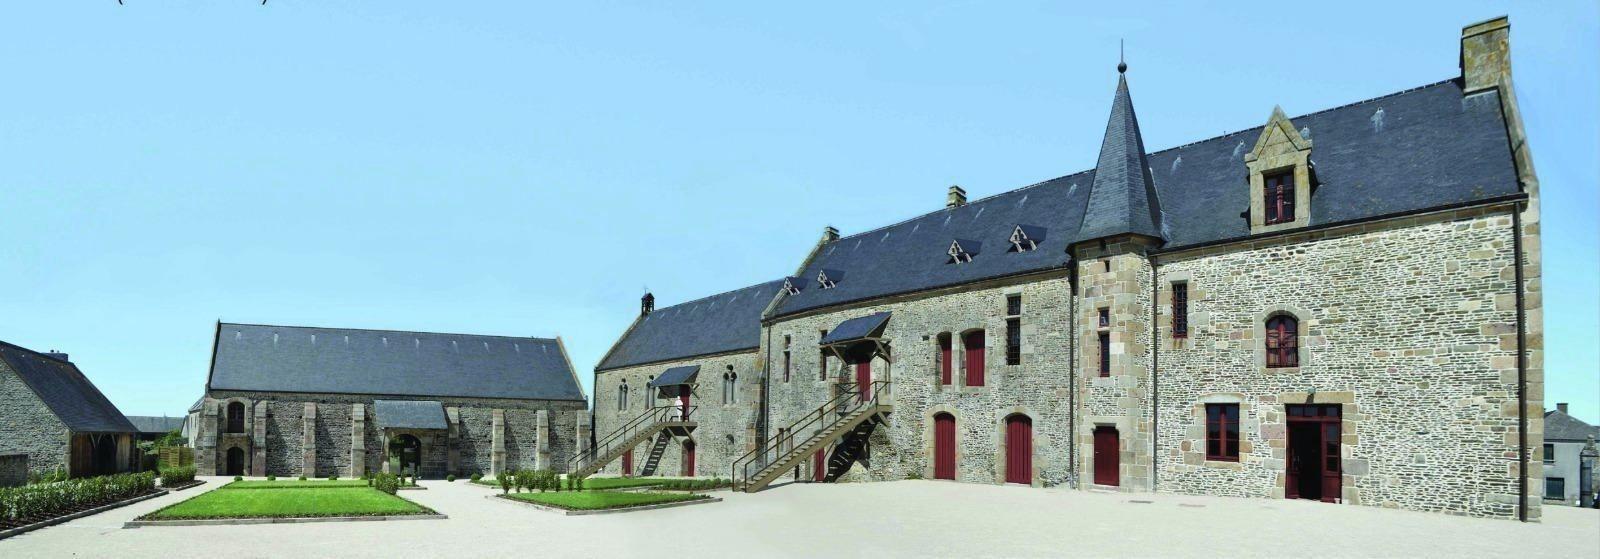 conservation des bâtis à Avranches | Paquin Arnaud Architecte